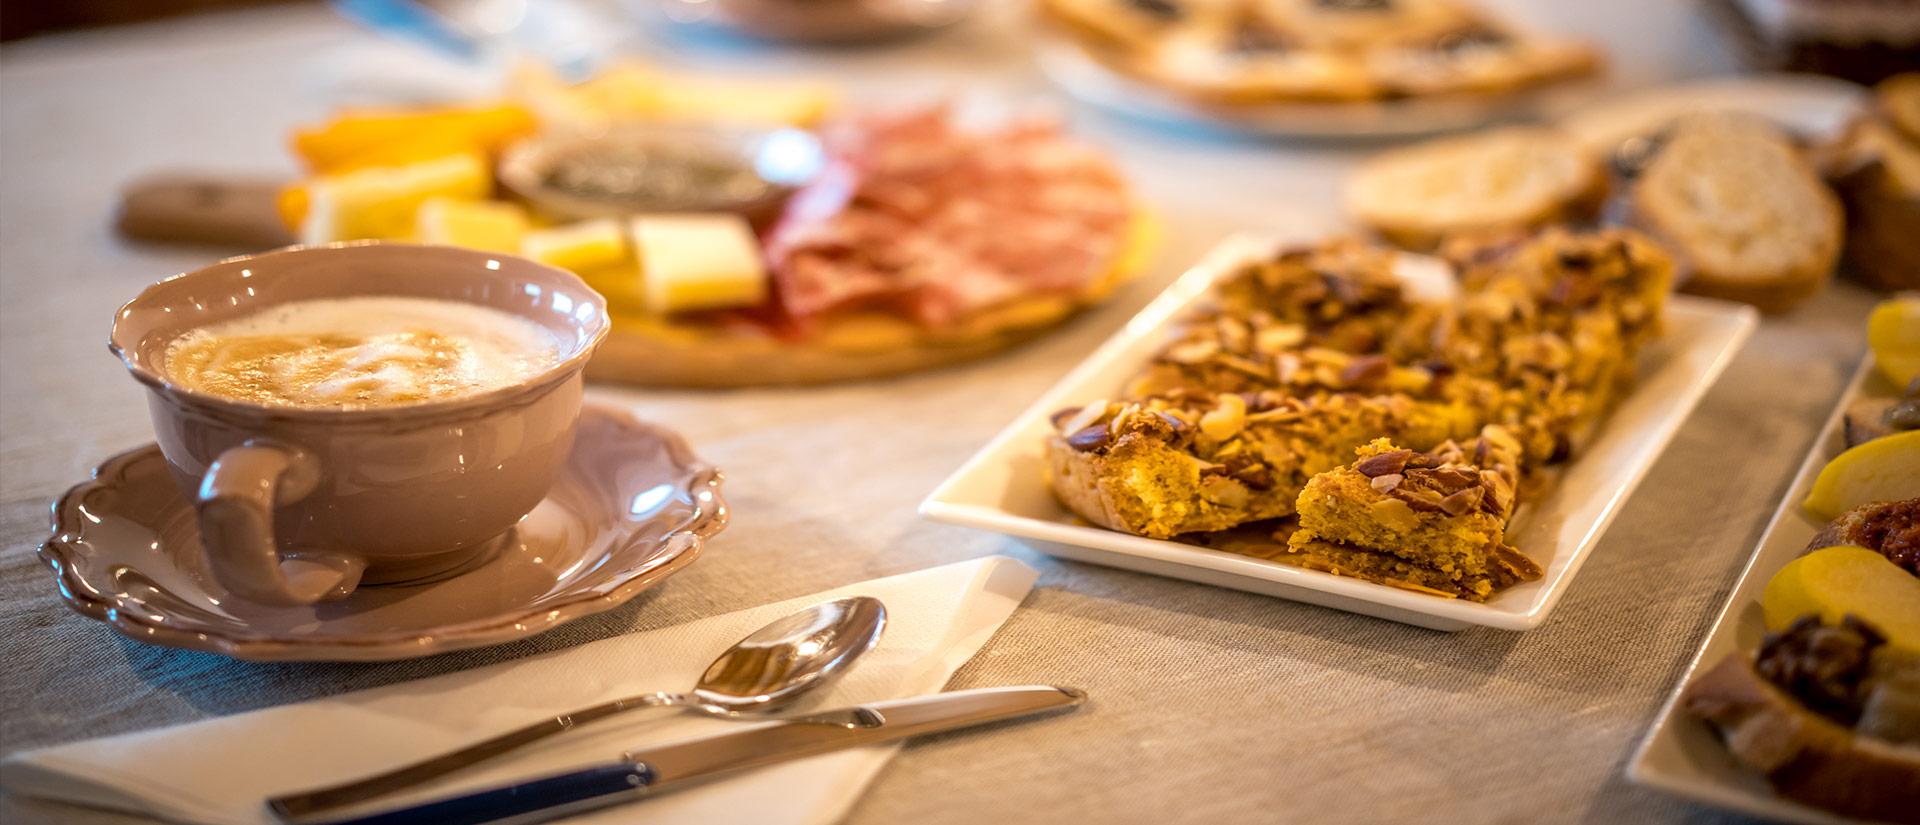 Colazione Bed e Breakfast Vittorio Veneto